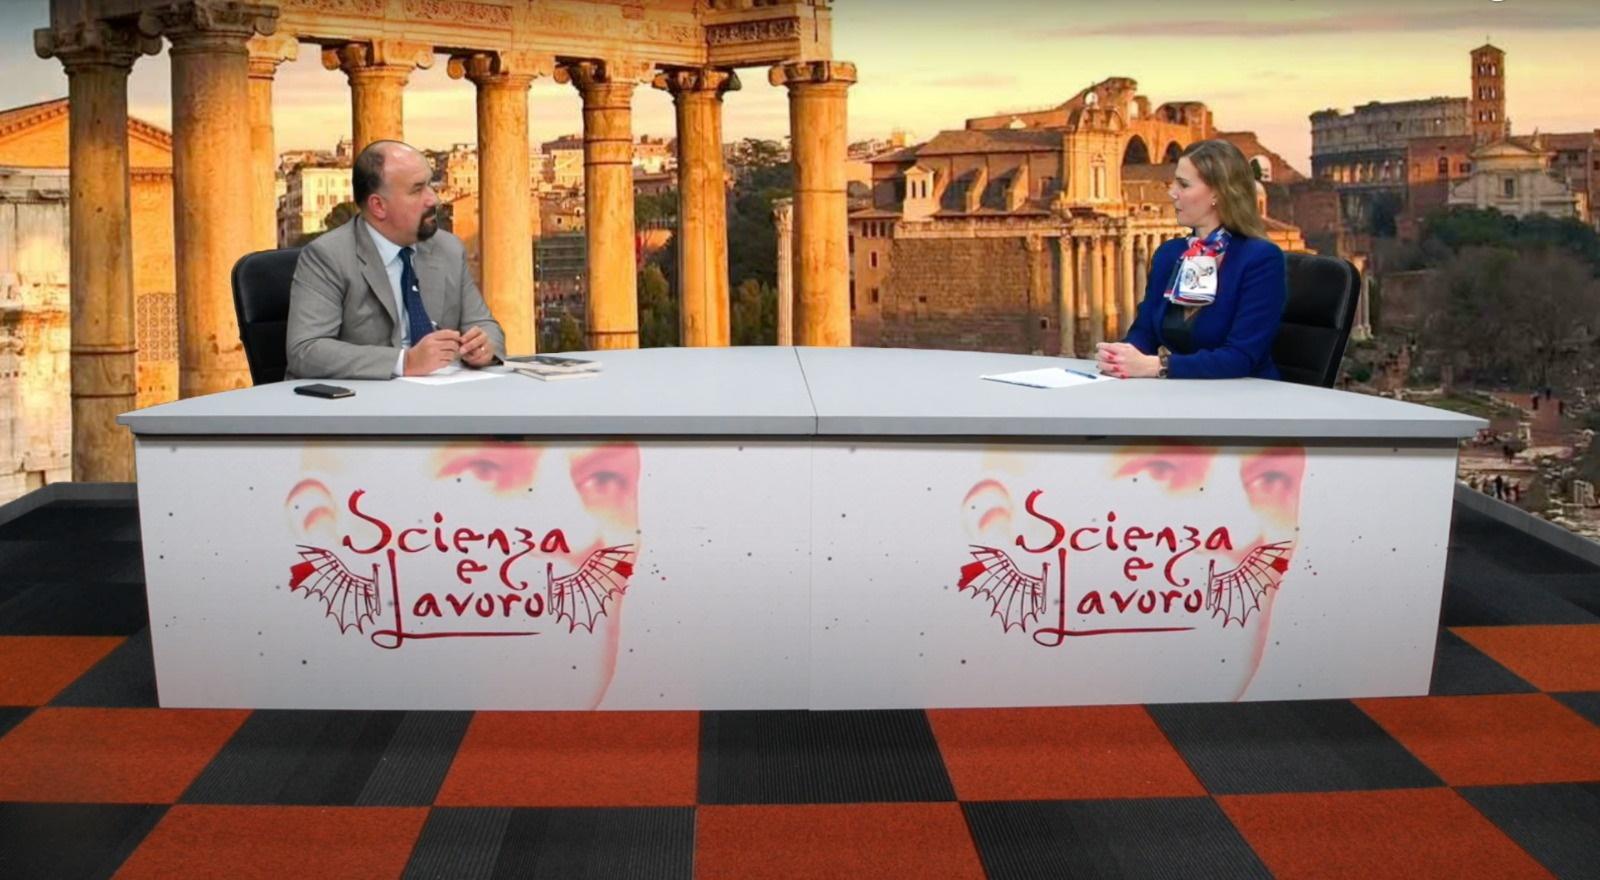 L'intervista della Dr.ssa Petrozzi a Scienza e Lavoro su Teleromauno